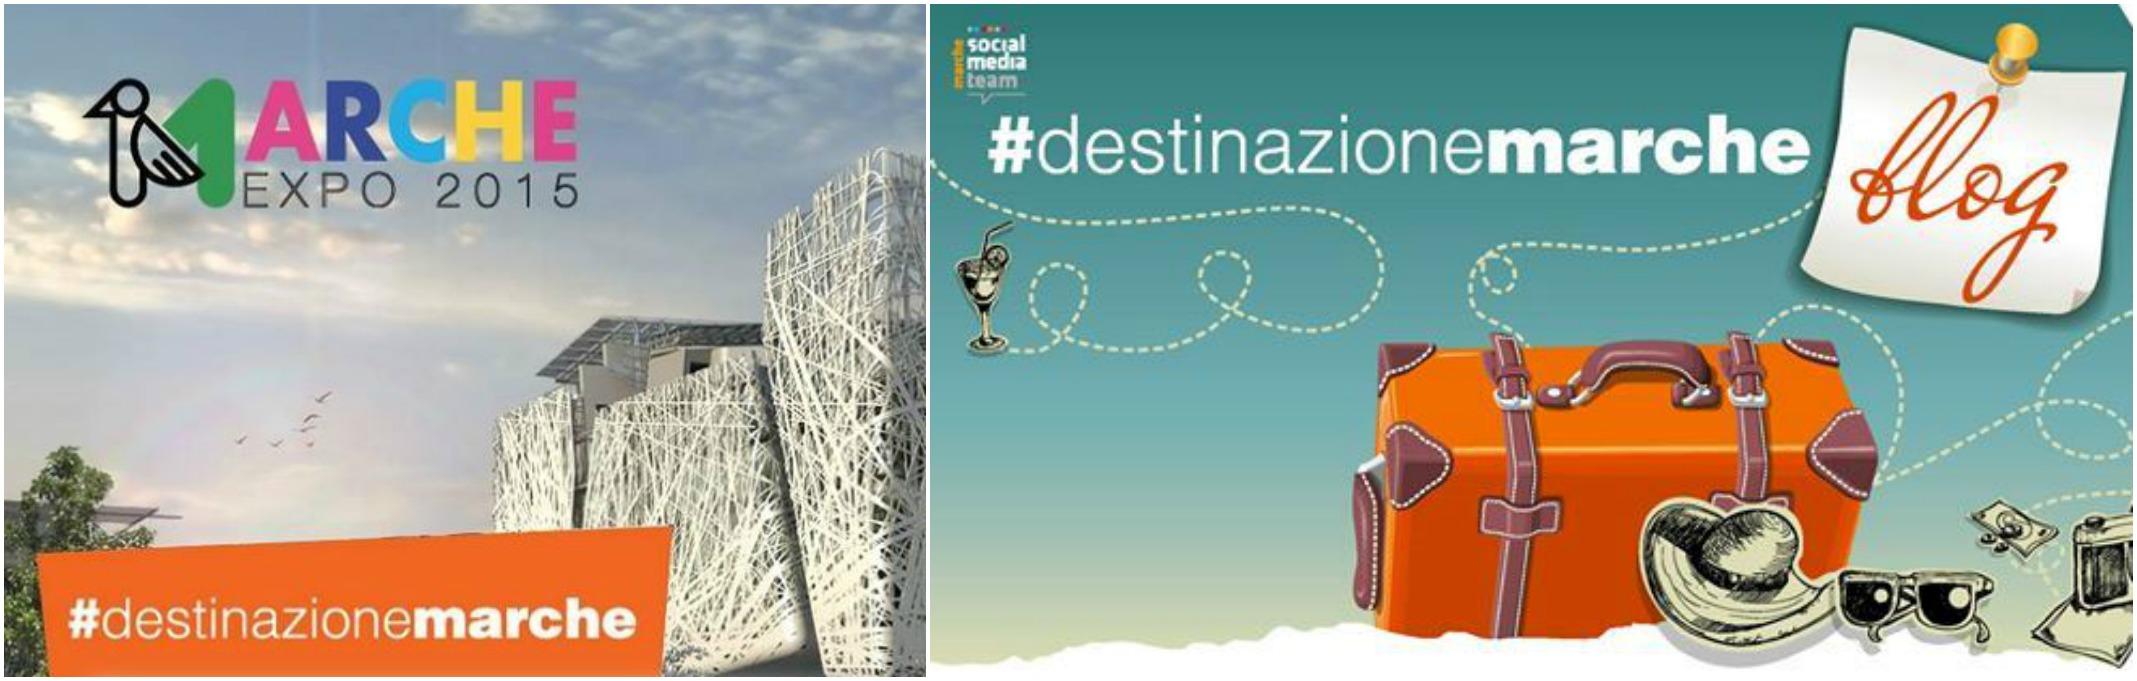 #destinazionemarche alla BIT 2015 con la presentazione delle Marche all'Expo e dei risultati social